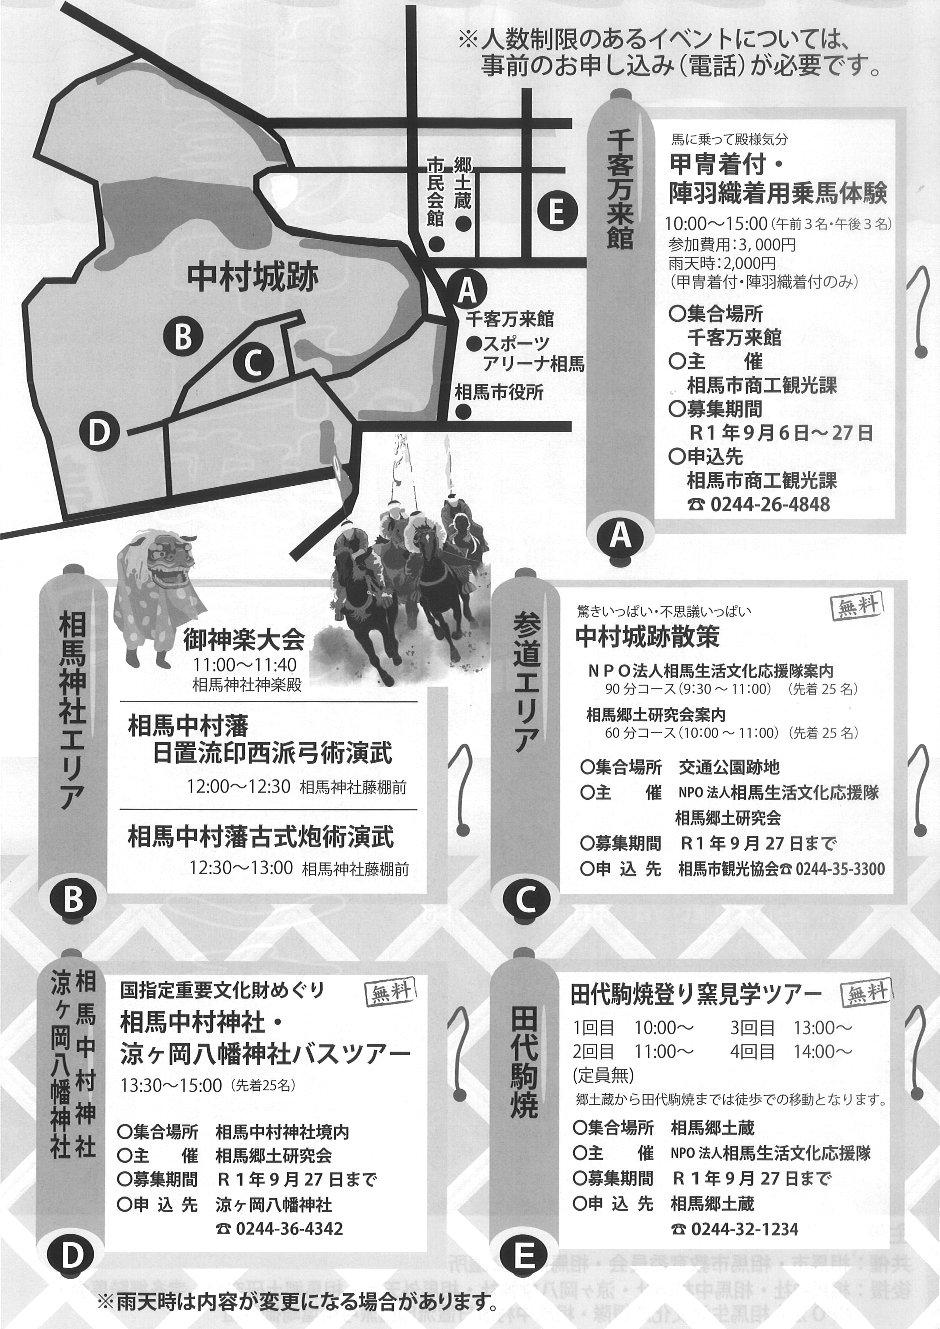 2019.10.6第3回相馬中村城(馬陵城)まつり